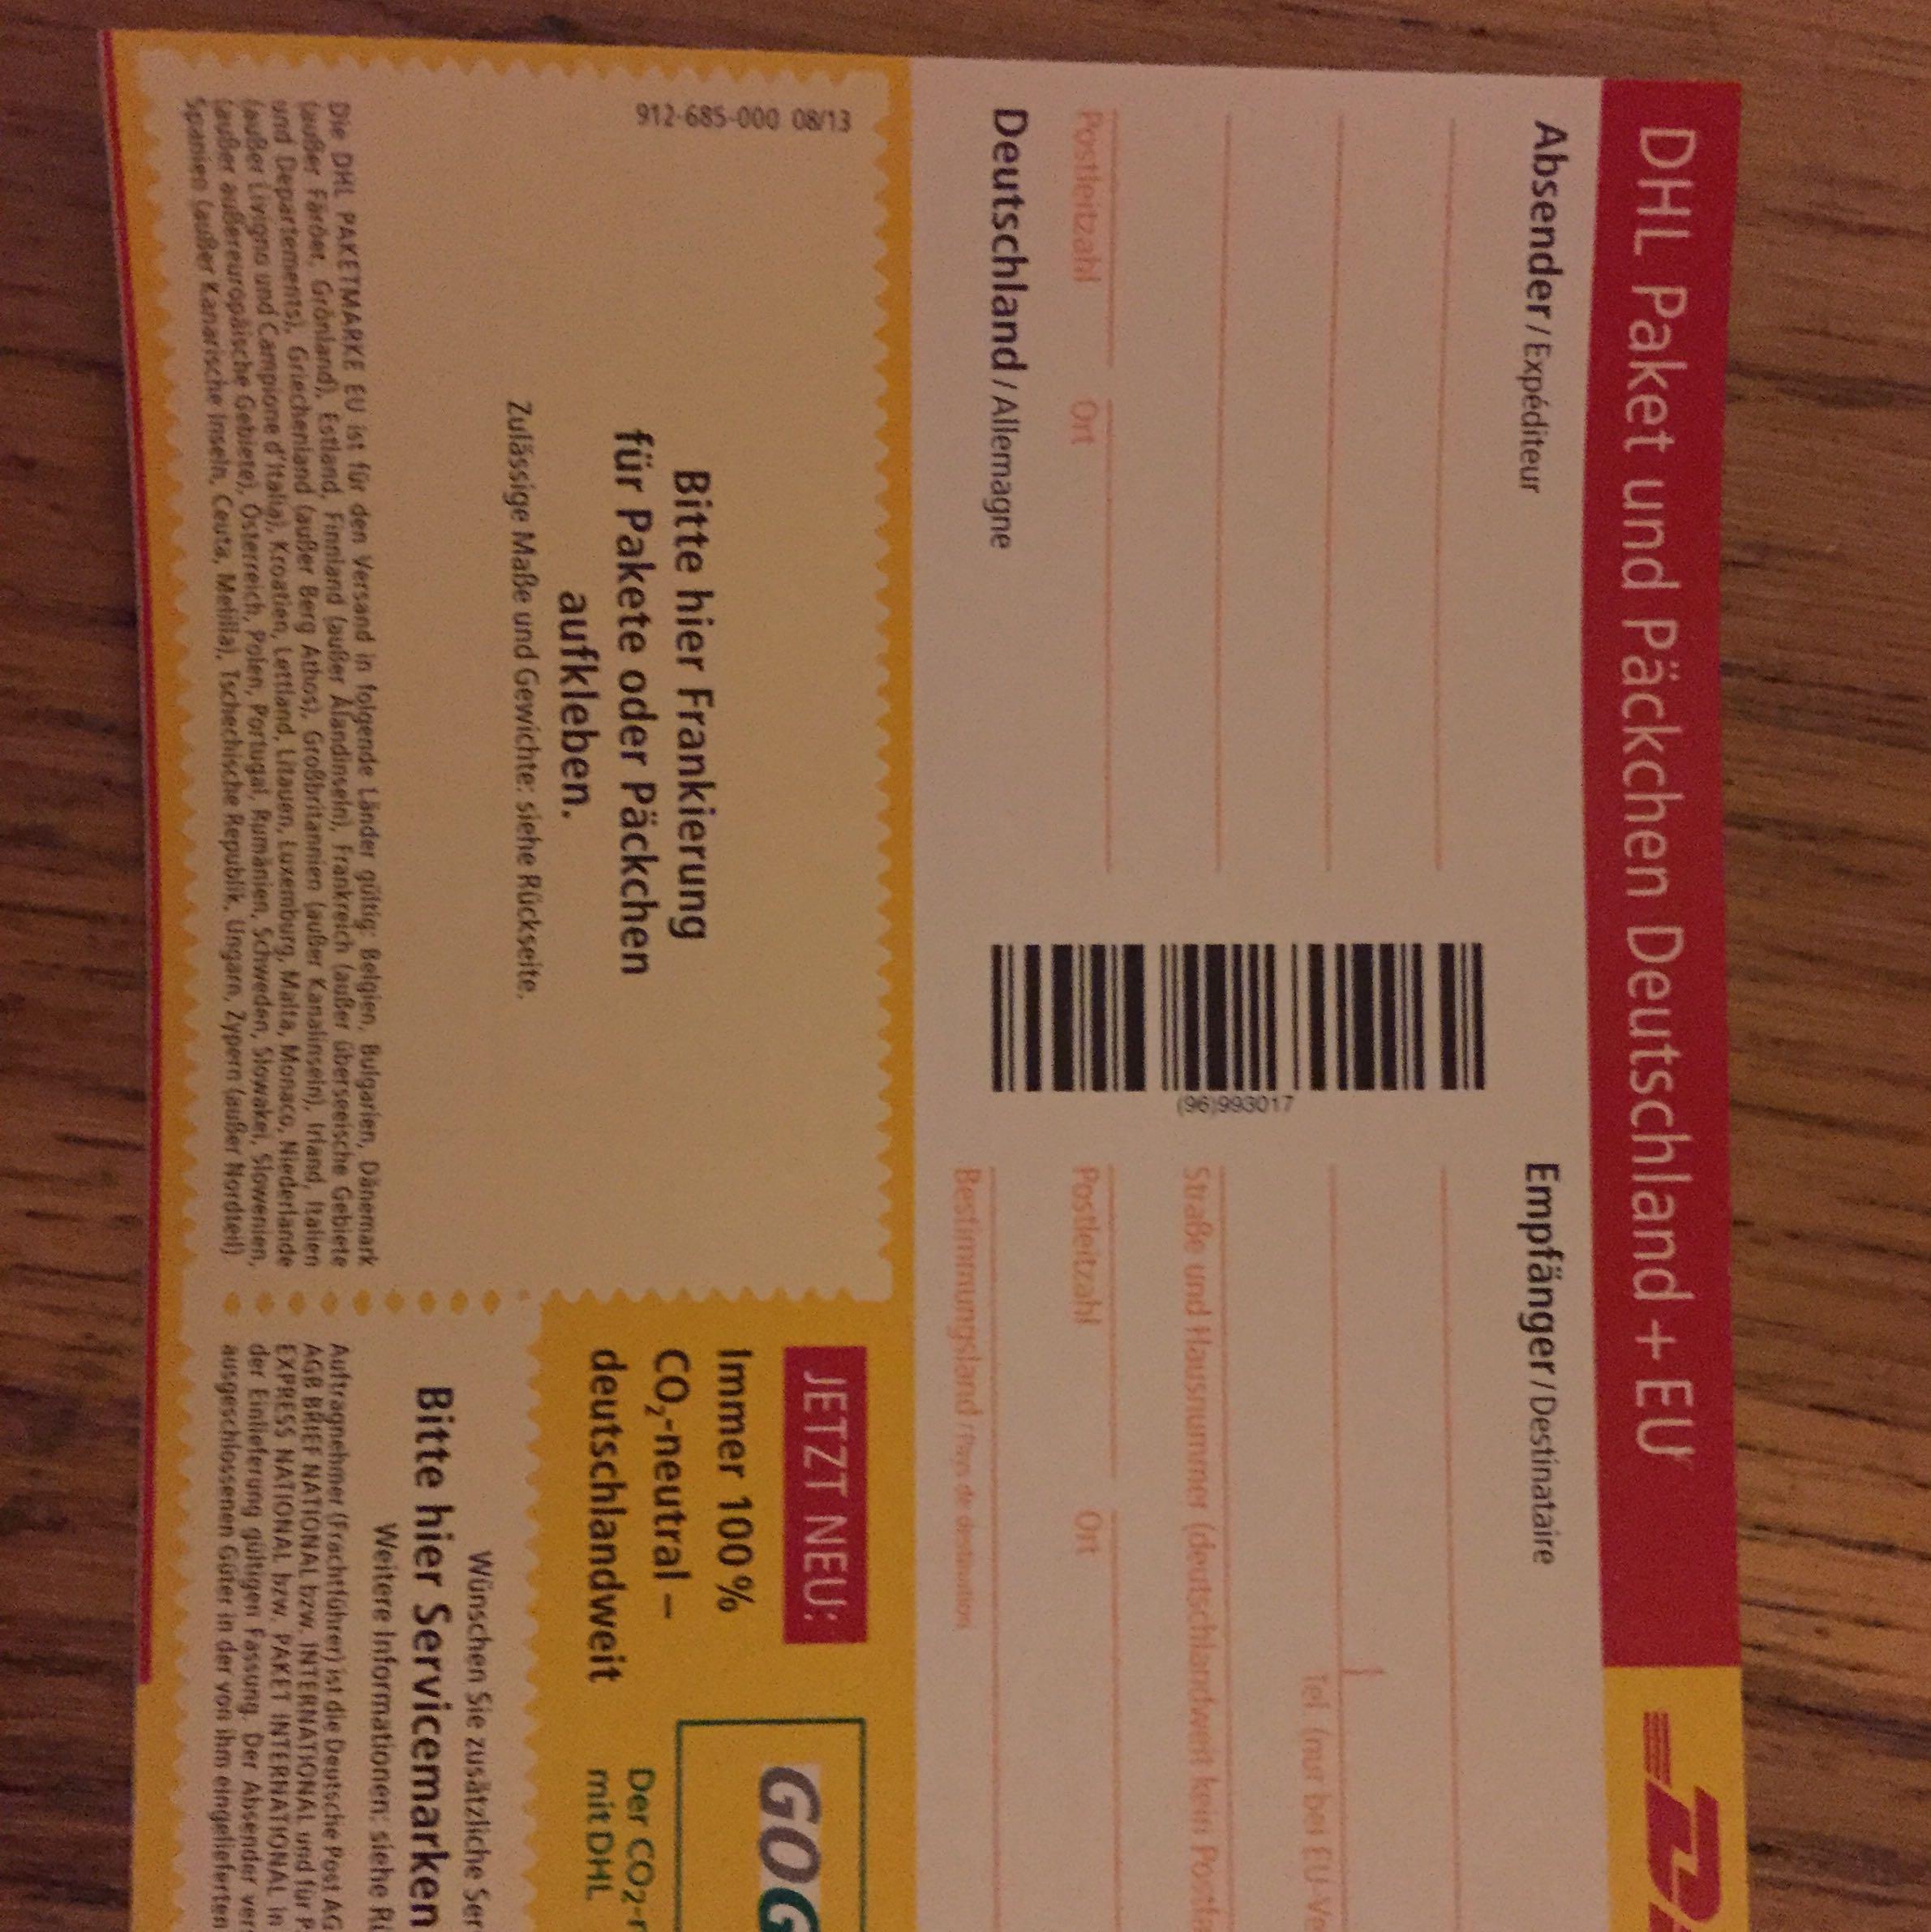 empfängerkarte für pakete auch bei warensendungen? (post, paket, regeln)